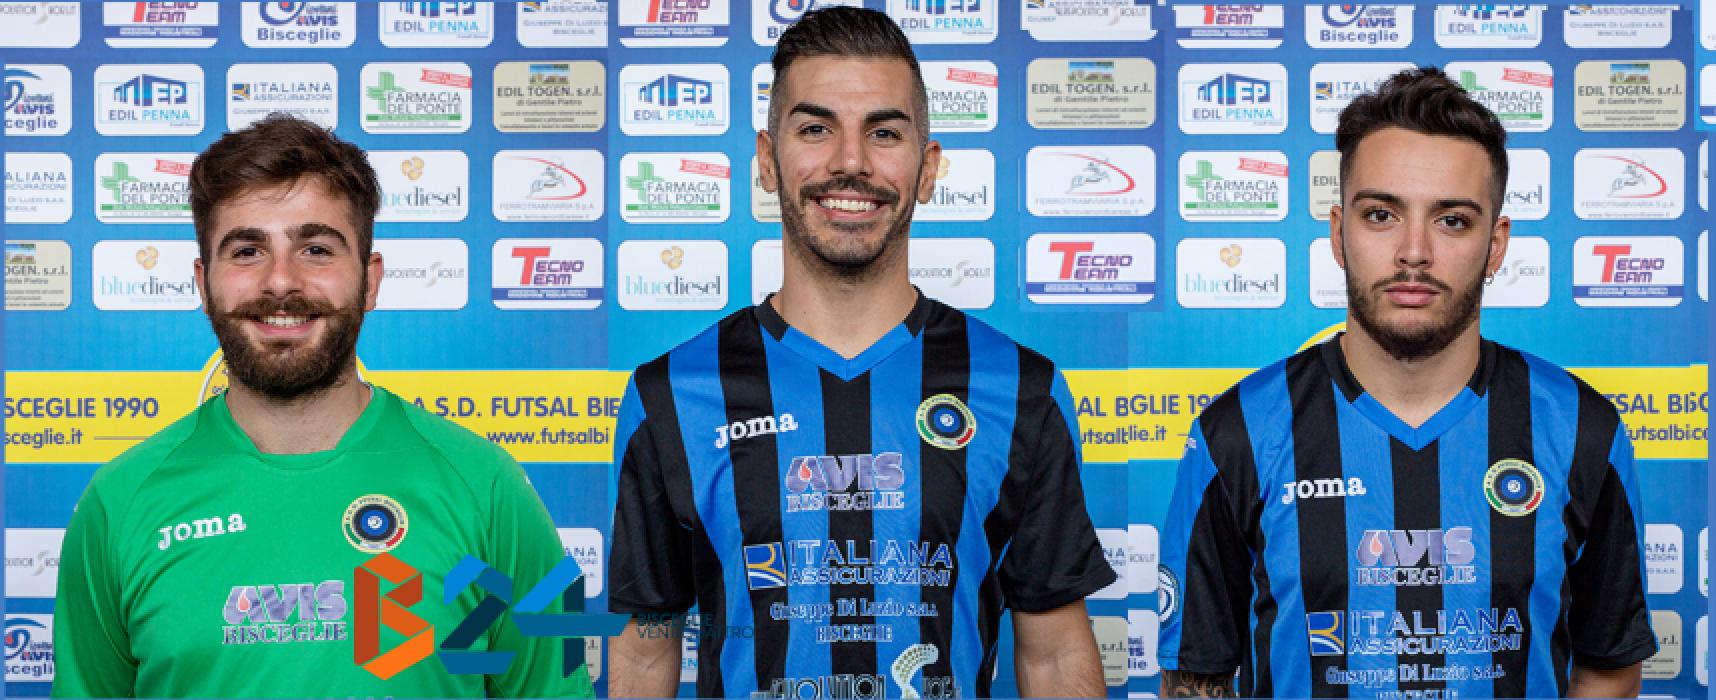 Futsal Bisceglie, in uscita Dibenedetto, Kevin e Colaianni